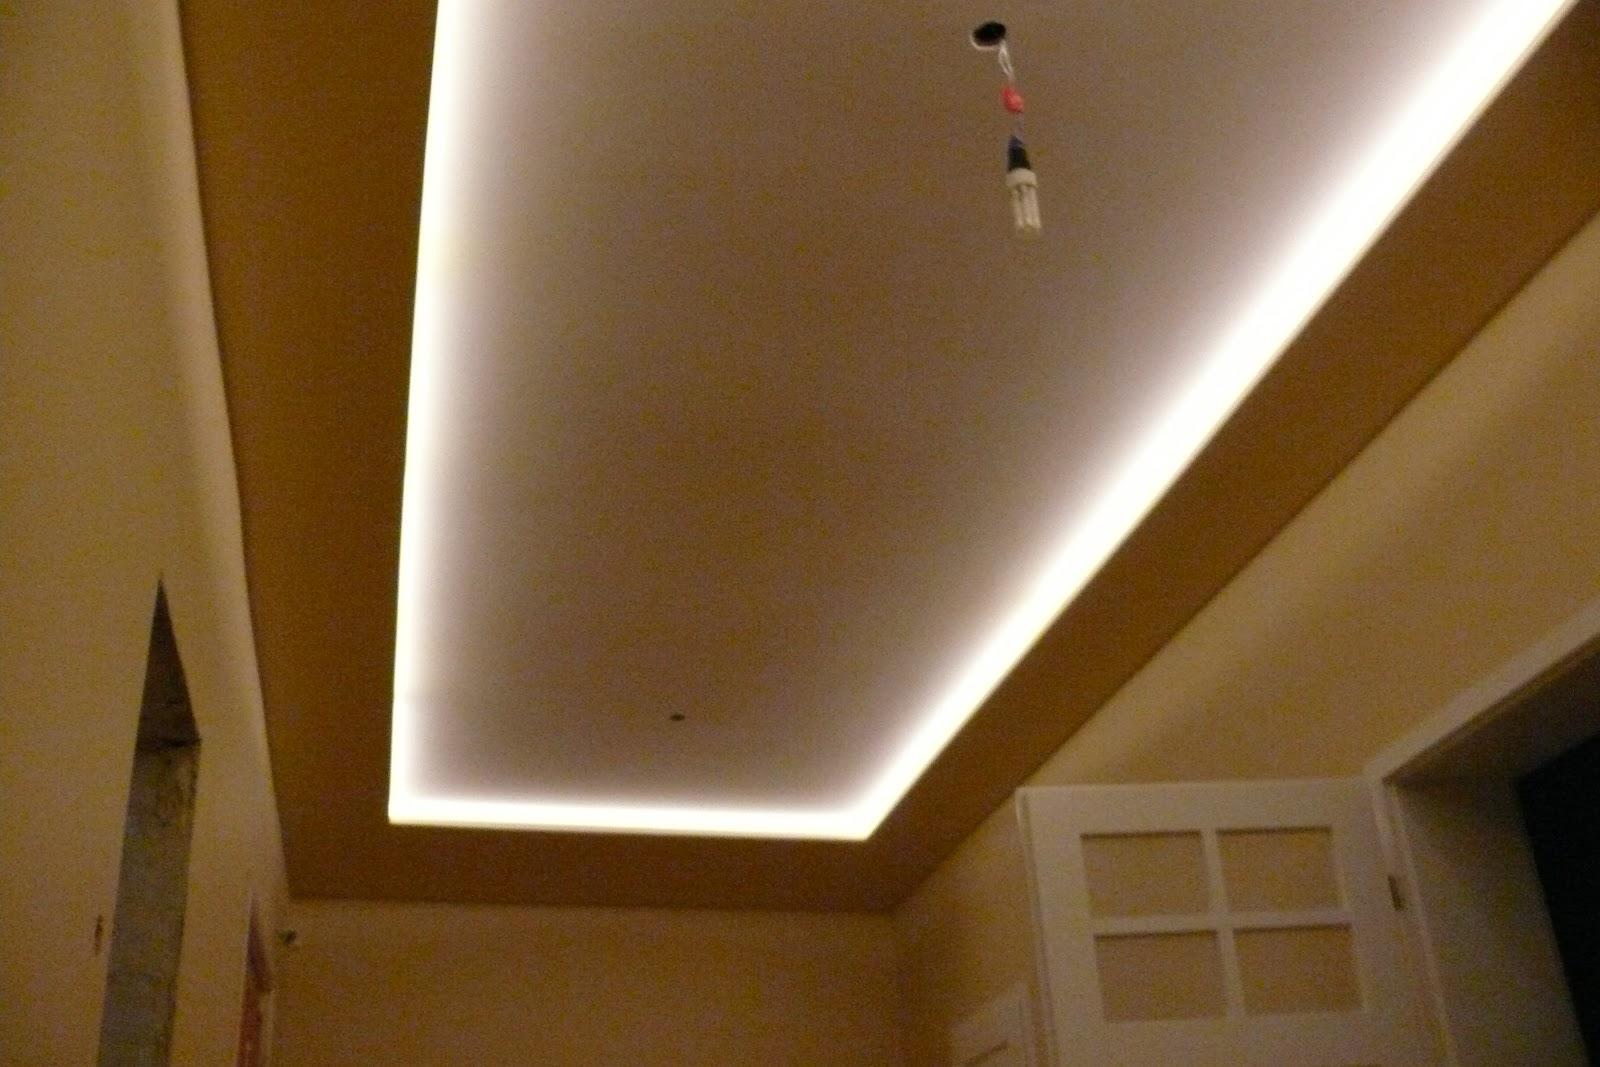 Zabudowa sufitu karton gips oraz podświetlanie sufitu listwa ledową